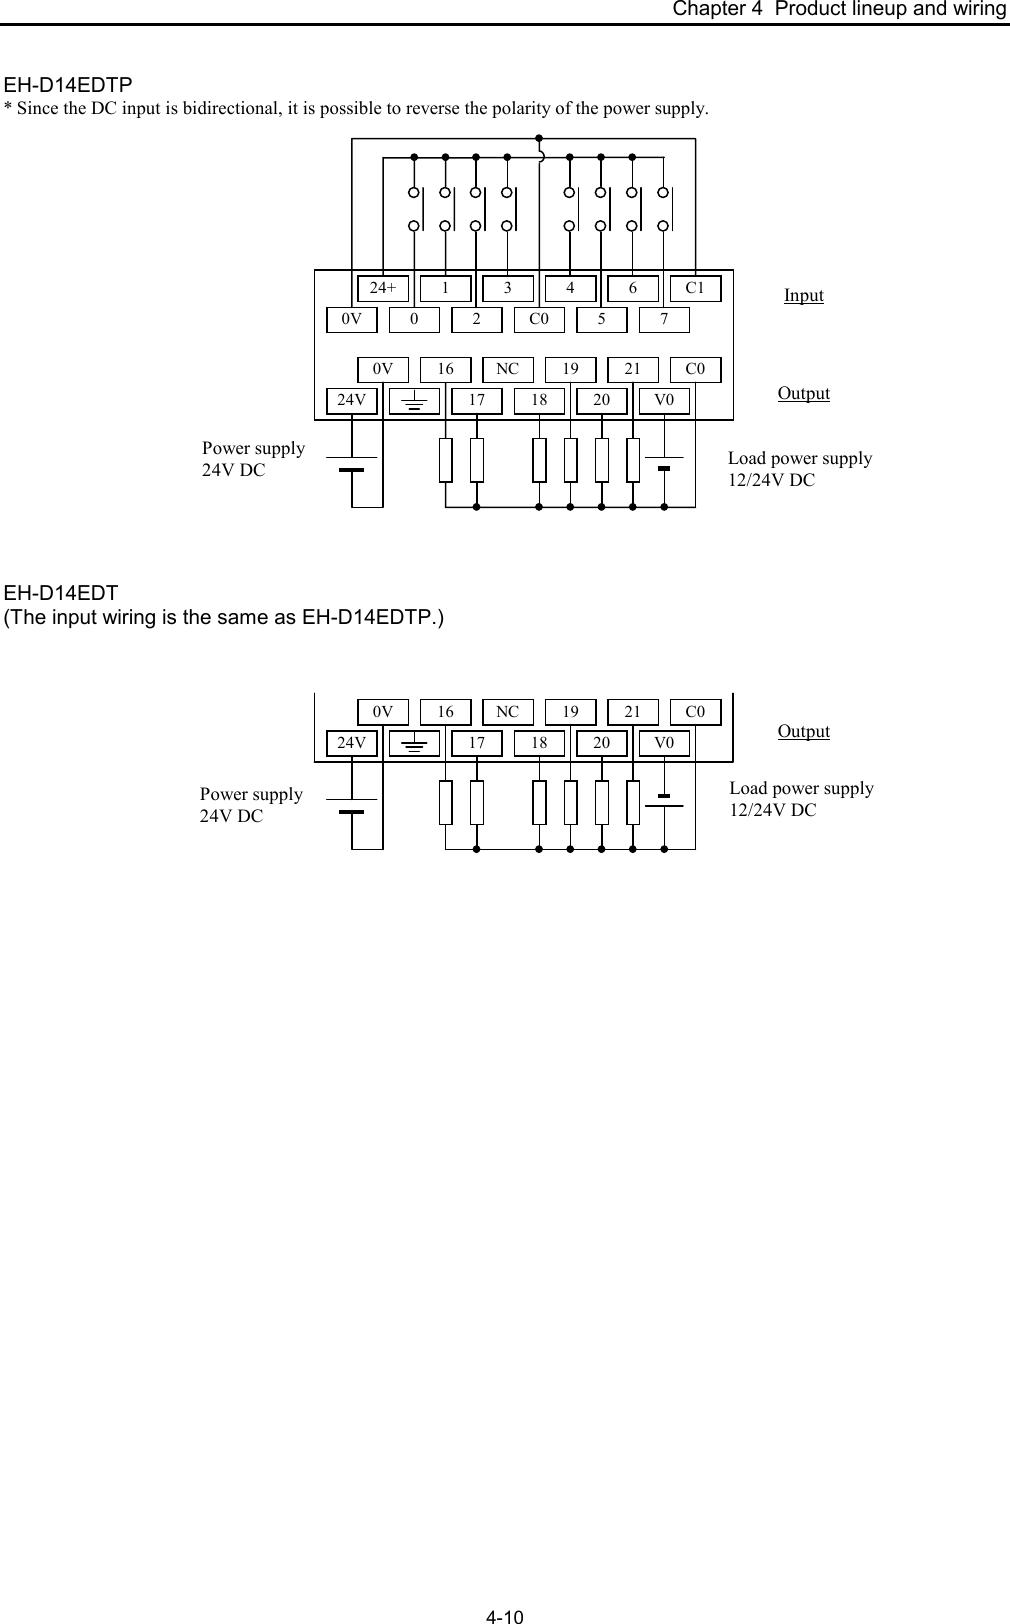 Hitachi Nji 350B Users Manual HIDIC MICRO EH APPLICATION on